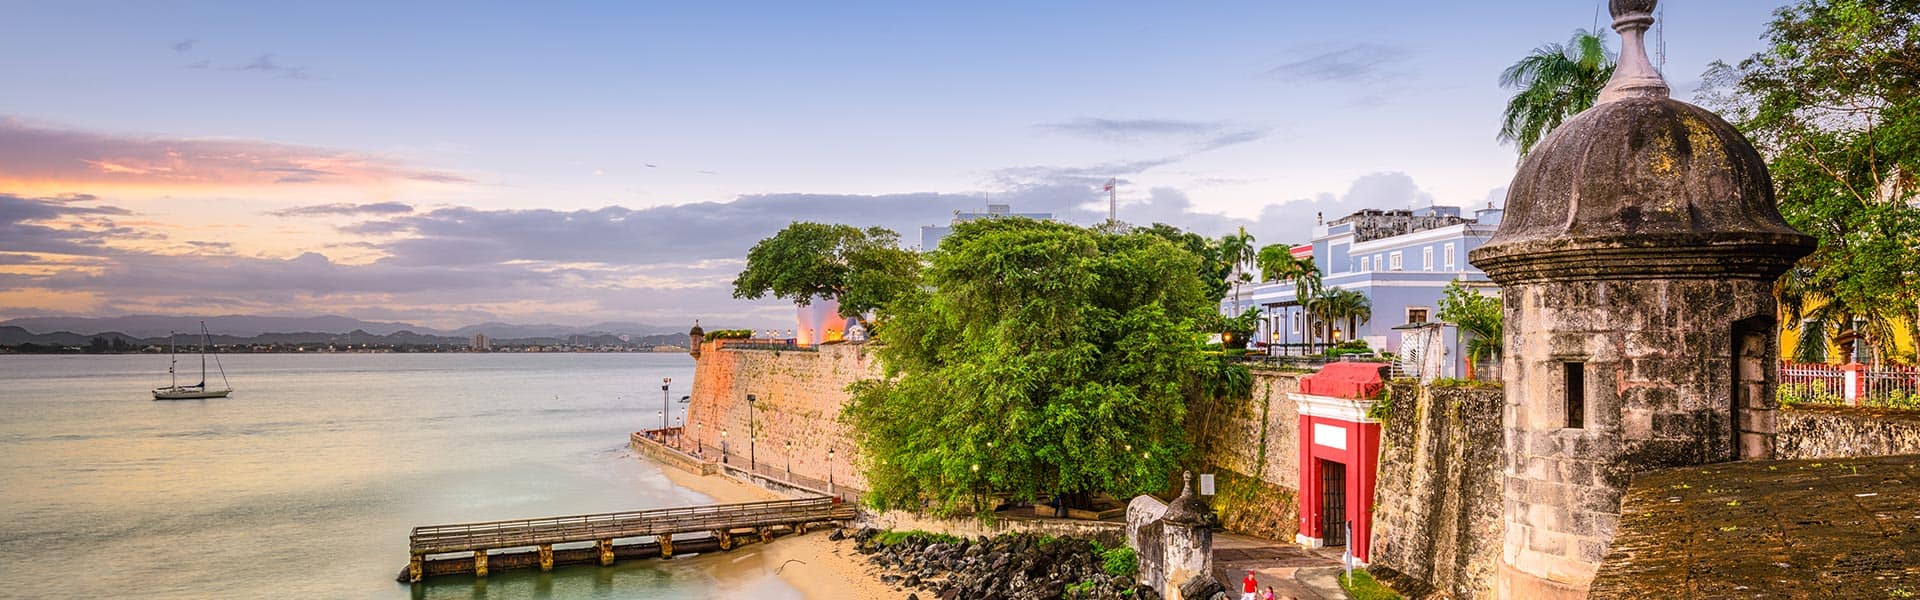 שייט הלוך ושוב לאיים הקריביים מניו יורק: ברבדוס והרפובליקה הדומיניקנית